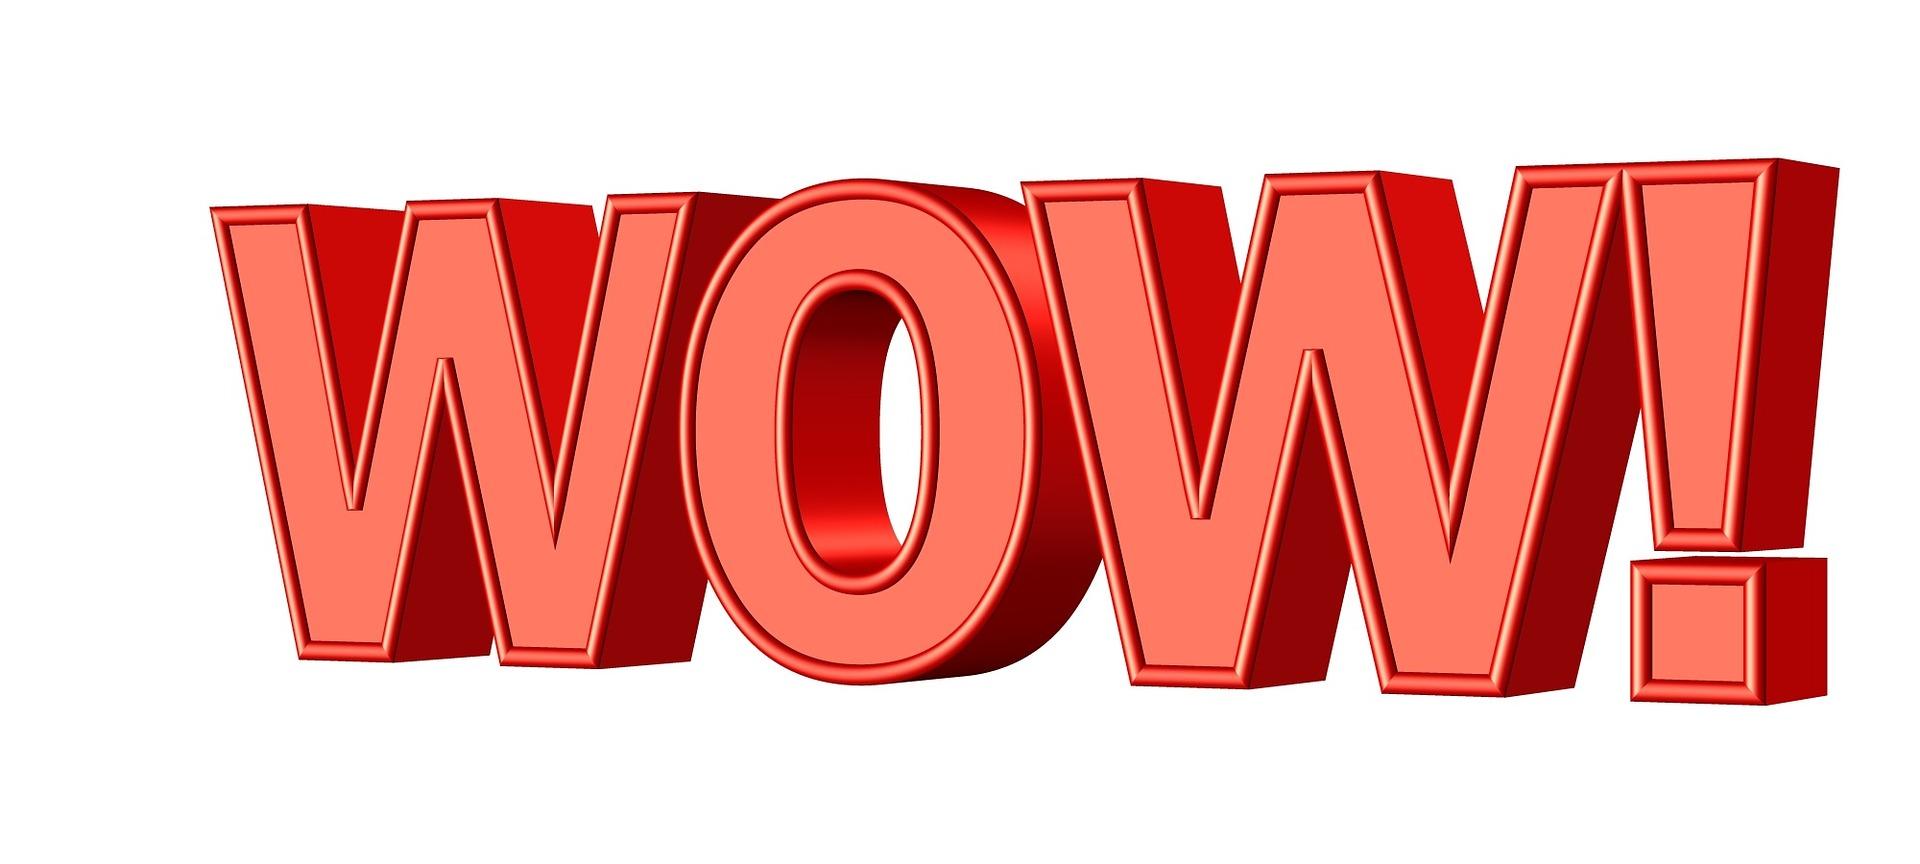 Piensa cómo conseguir que tu evento tenga un efecto WOW! a la hora de medir el ROI